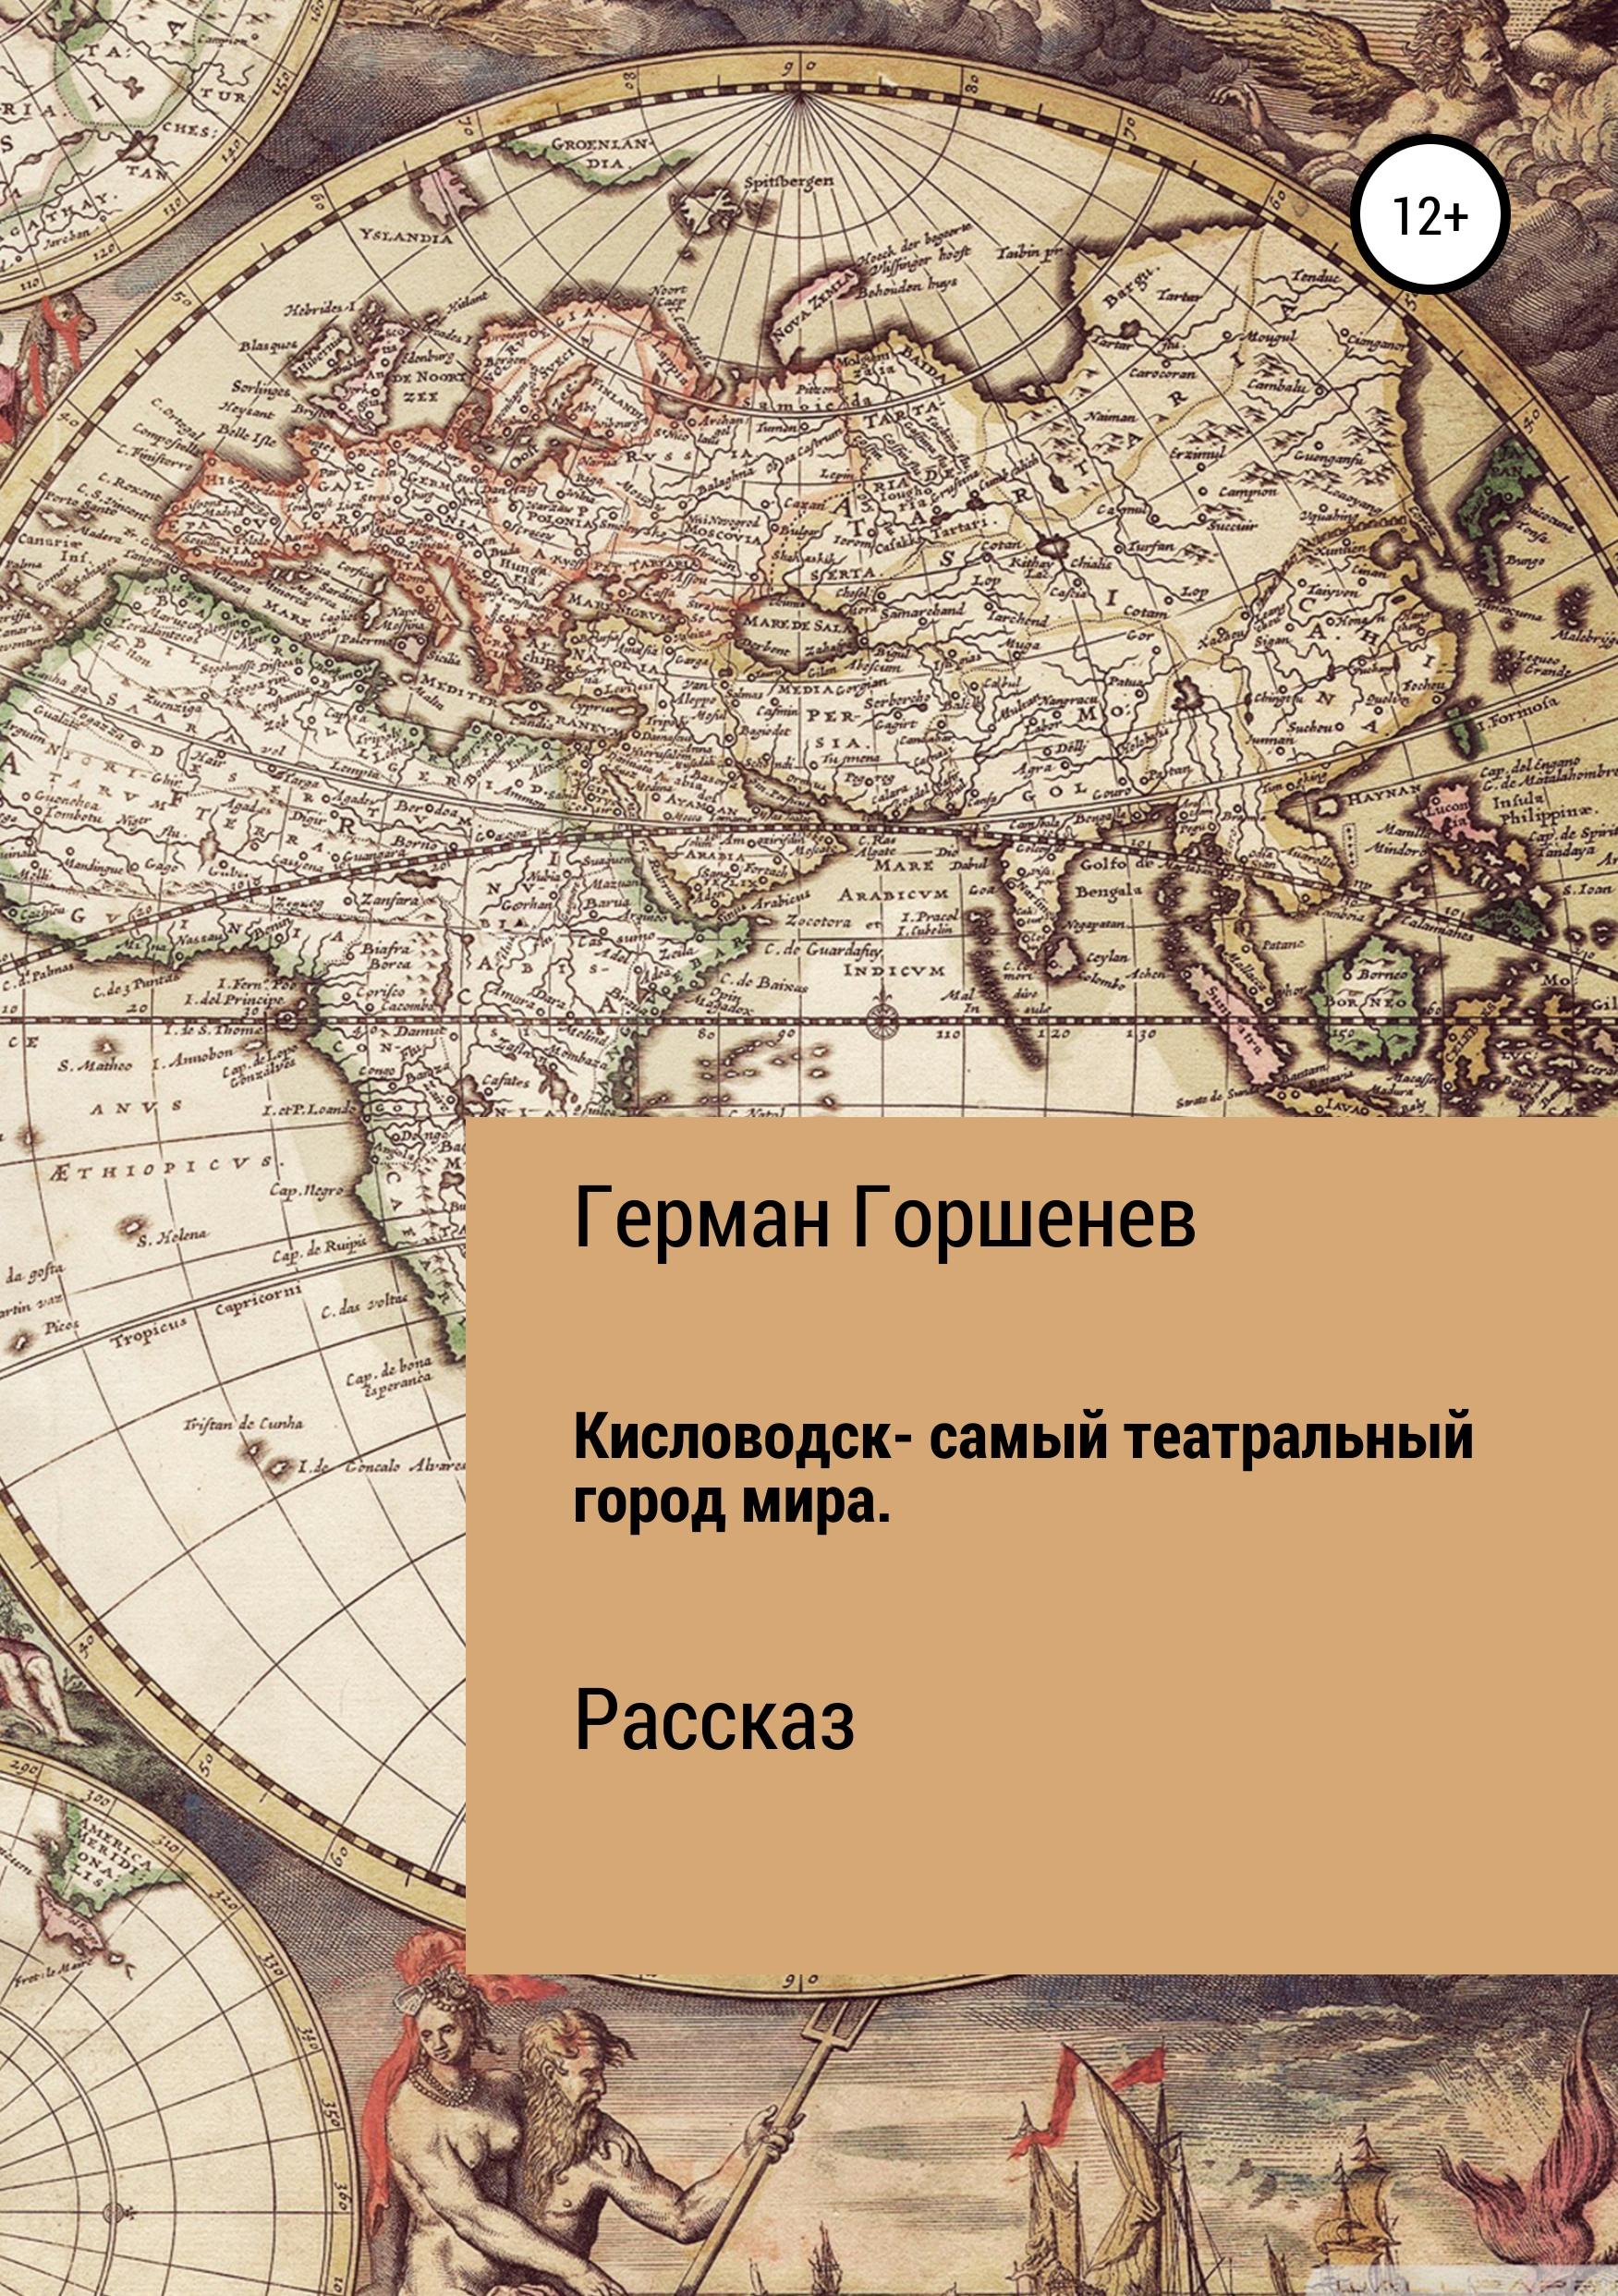 Кисловодск – самый театральный город мира